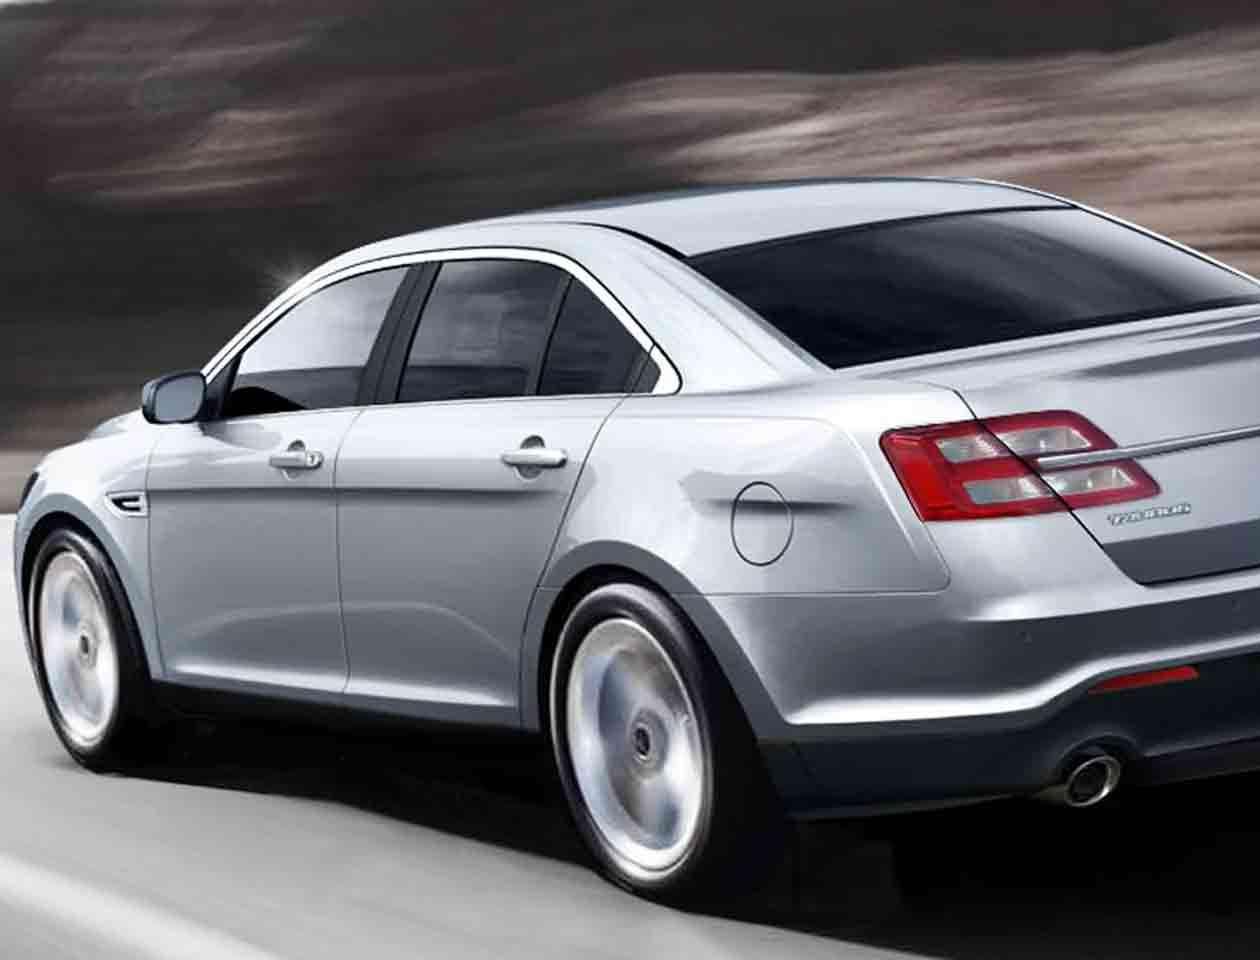 El Ford Taurus presenta un problema con el muelle que controla las asas interiores de las puertas Foto: ford.com